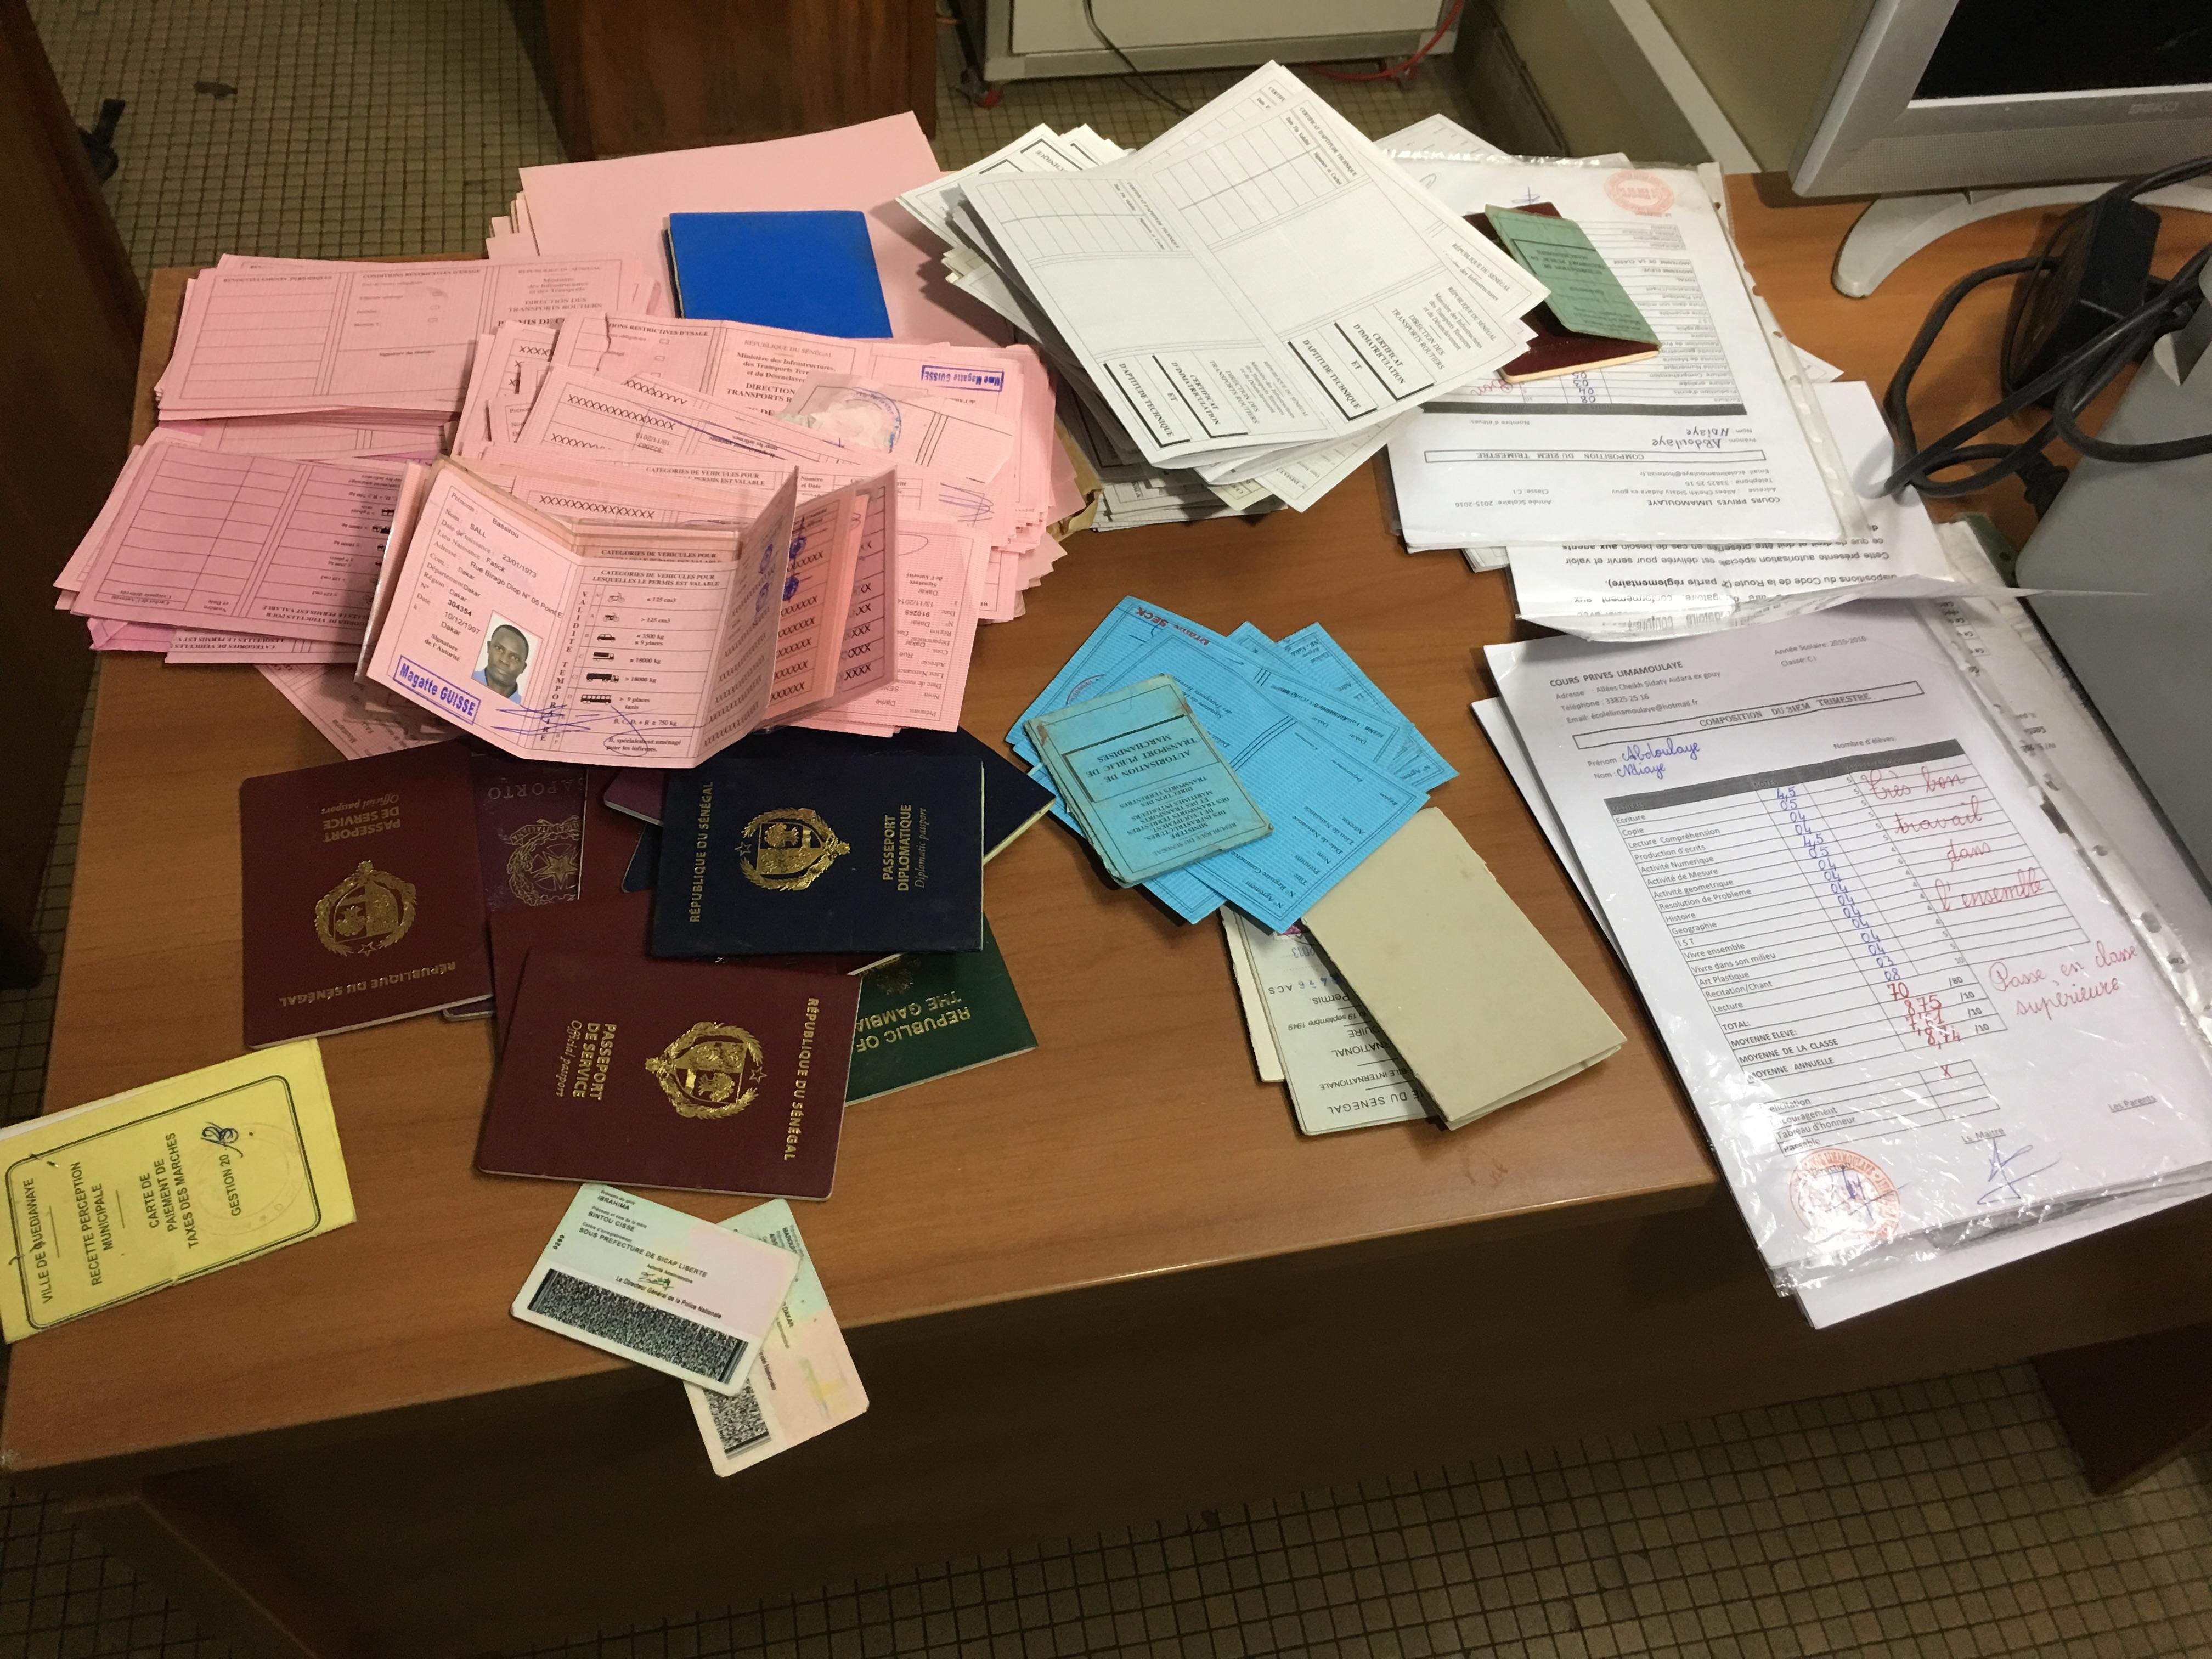 Faussaire : Le taximan tombe avec des centaines de documents